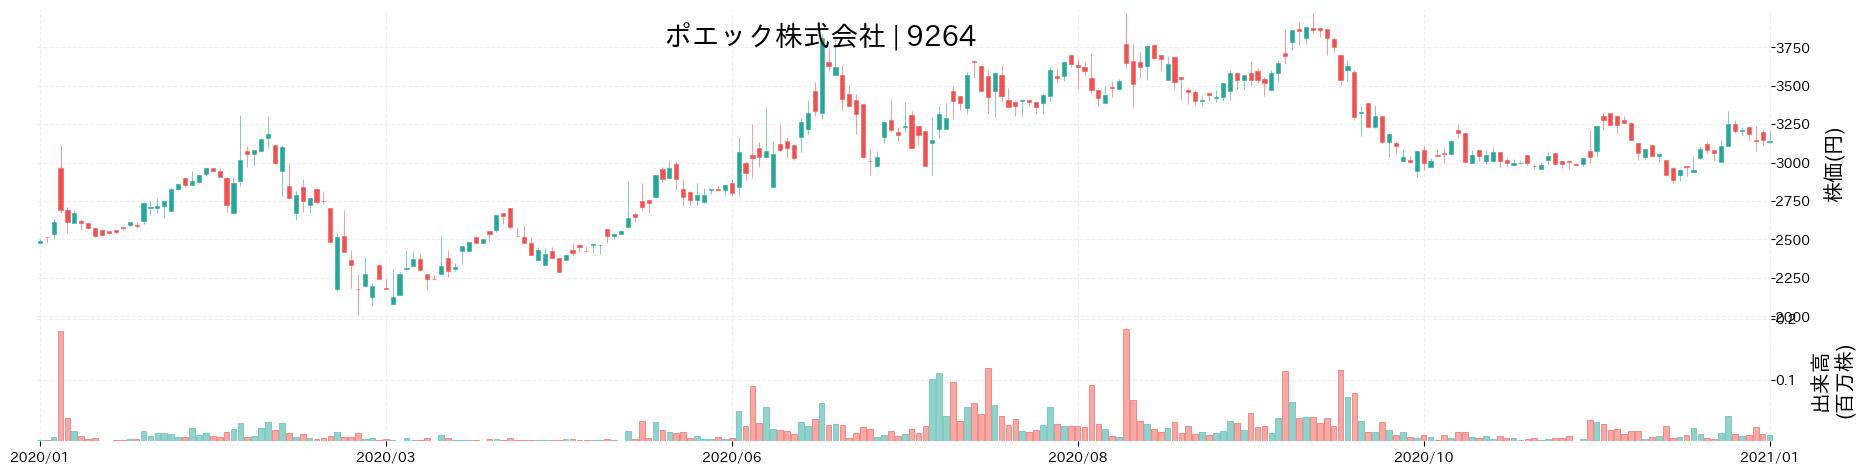 ポエック株式会社の株価推移(2020)